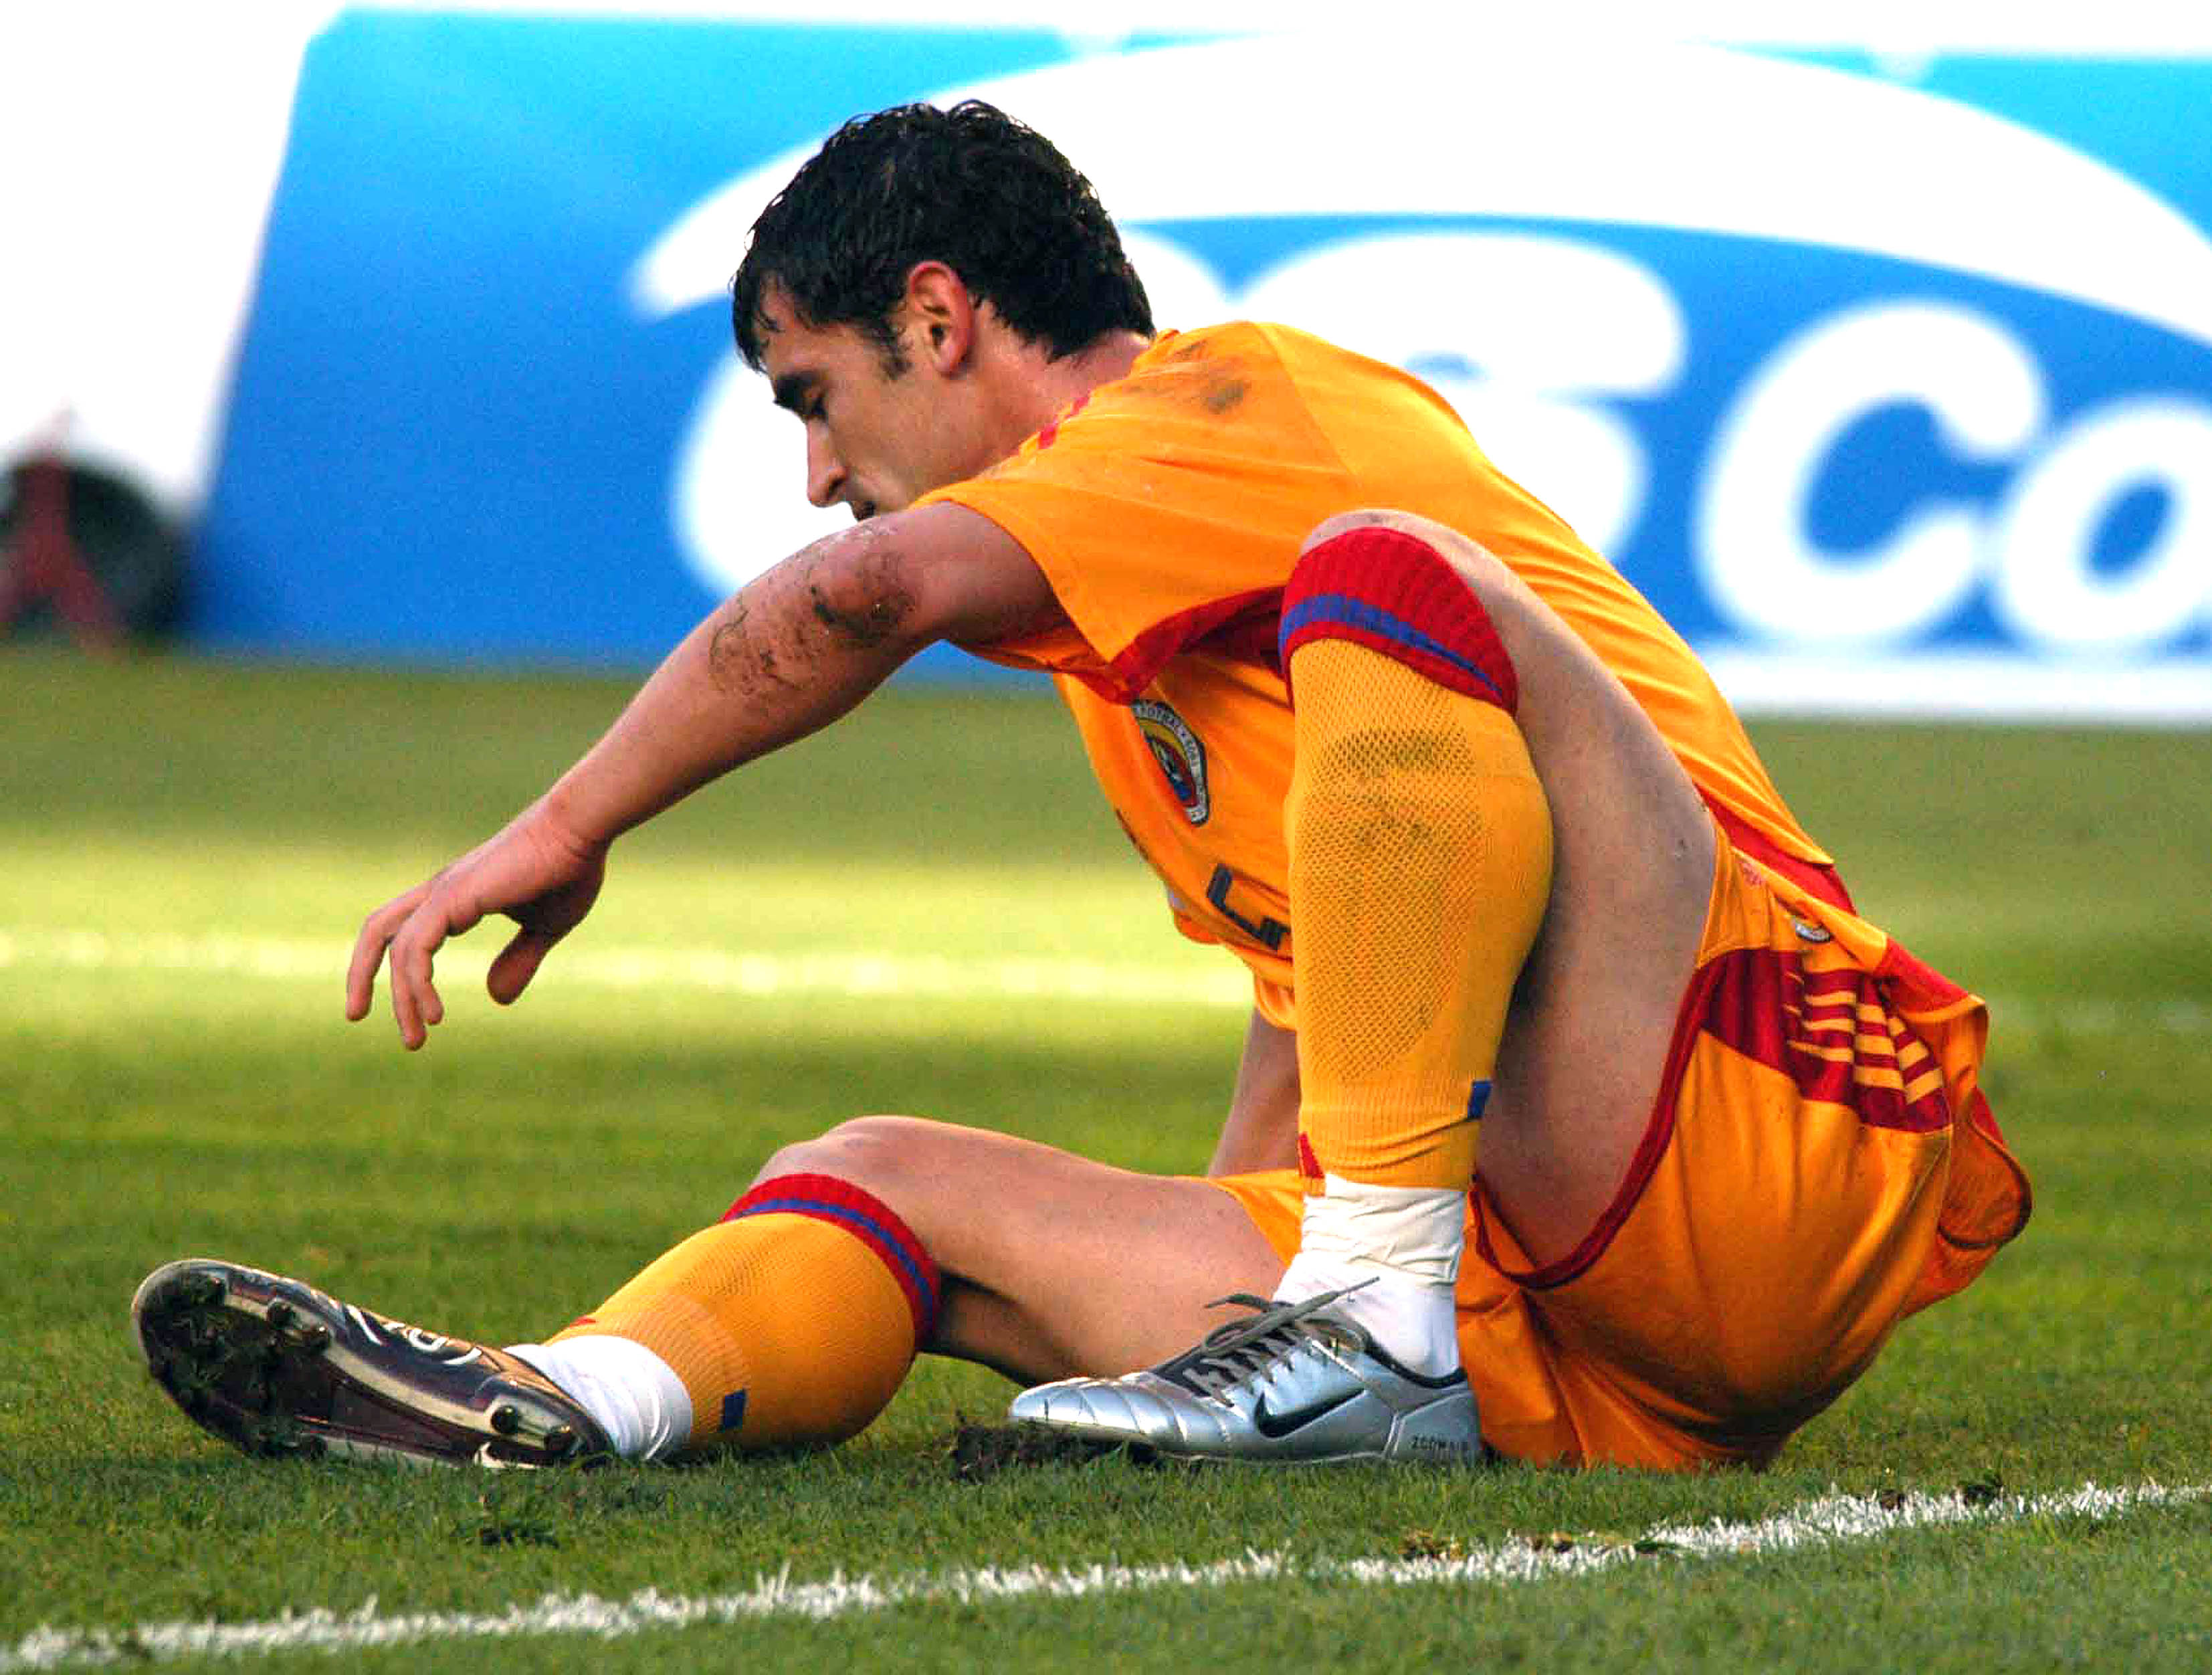 FOTBAL:CEHIA-ROMANIA 4-1 PRELIMINARII CM 2006 (9.10.2004)